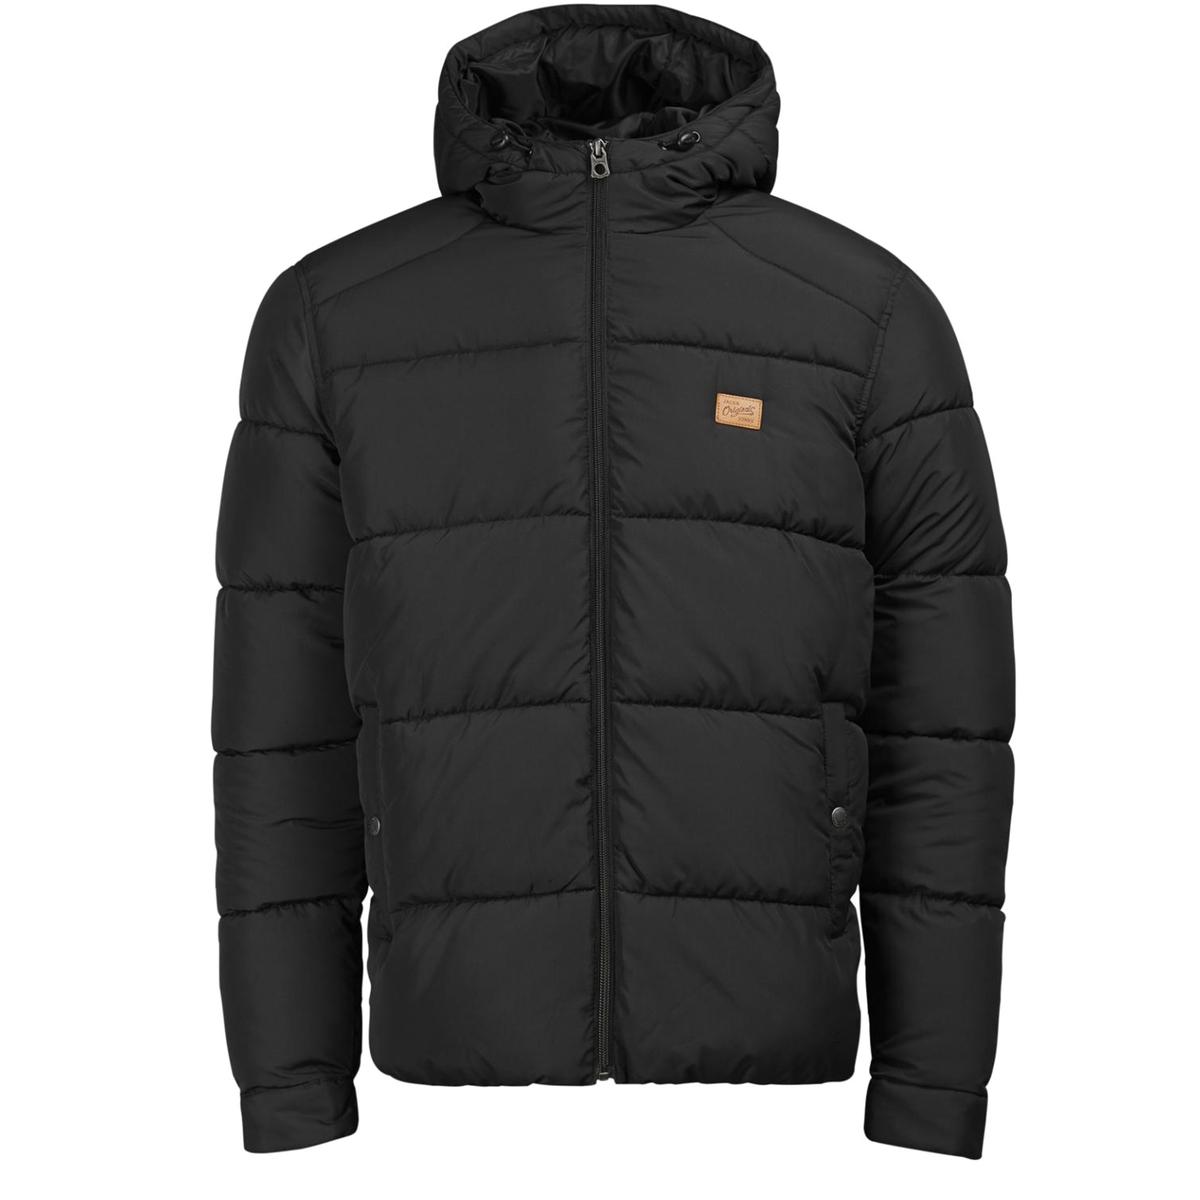 Куртка стеганая с капюшономСостав и описаниеМатериал : 100% полиэстерМарка : JACK &amp; JONES<br><br>Цвет: черный<br>Размер: L